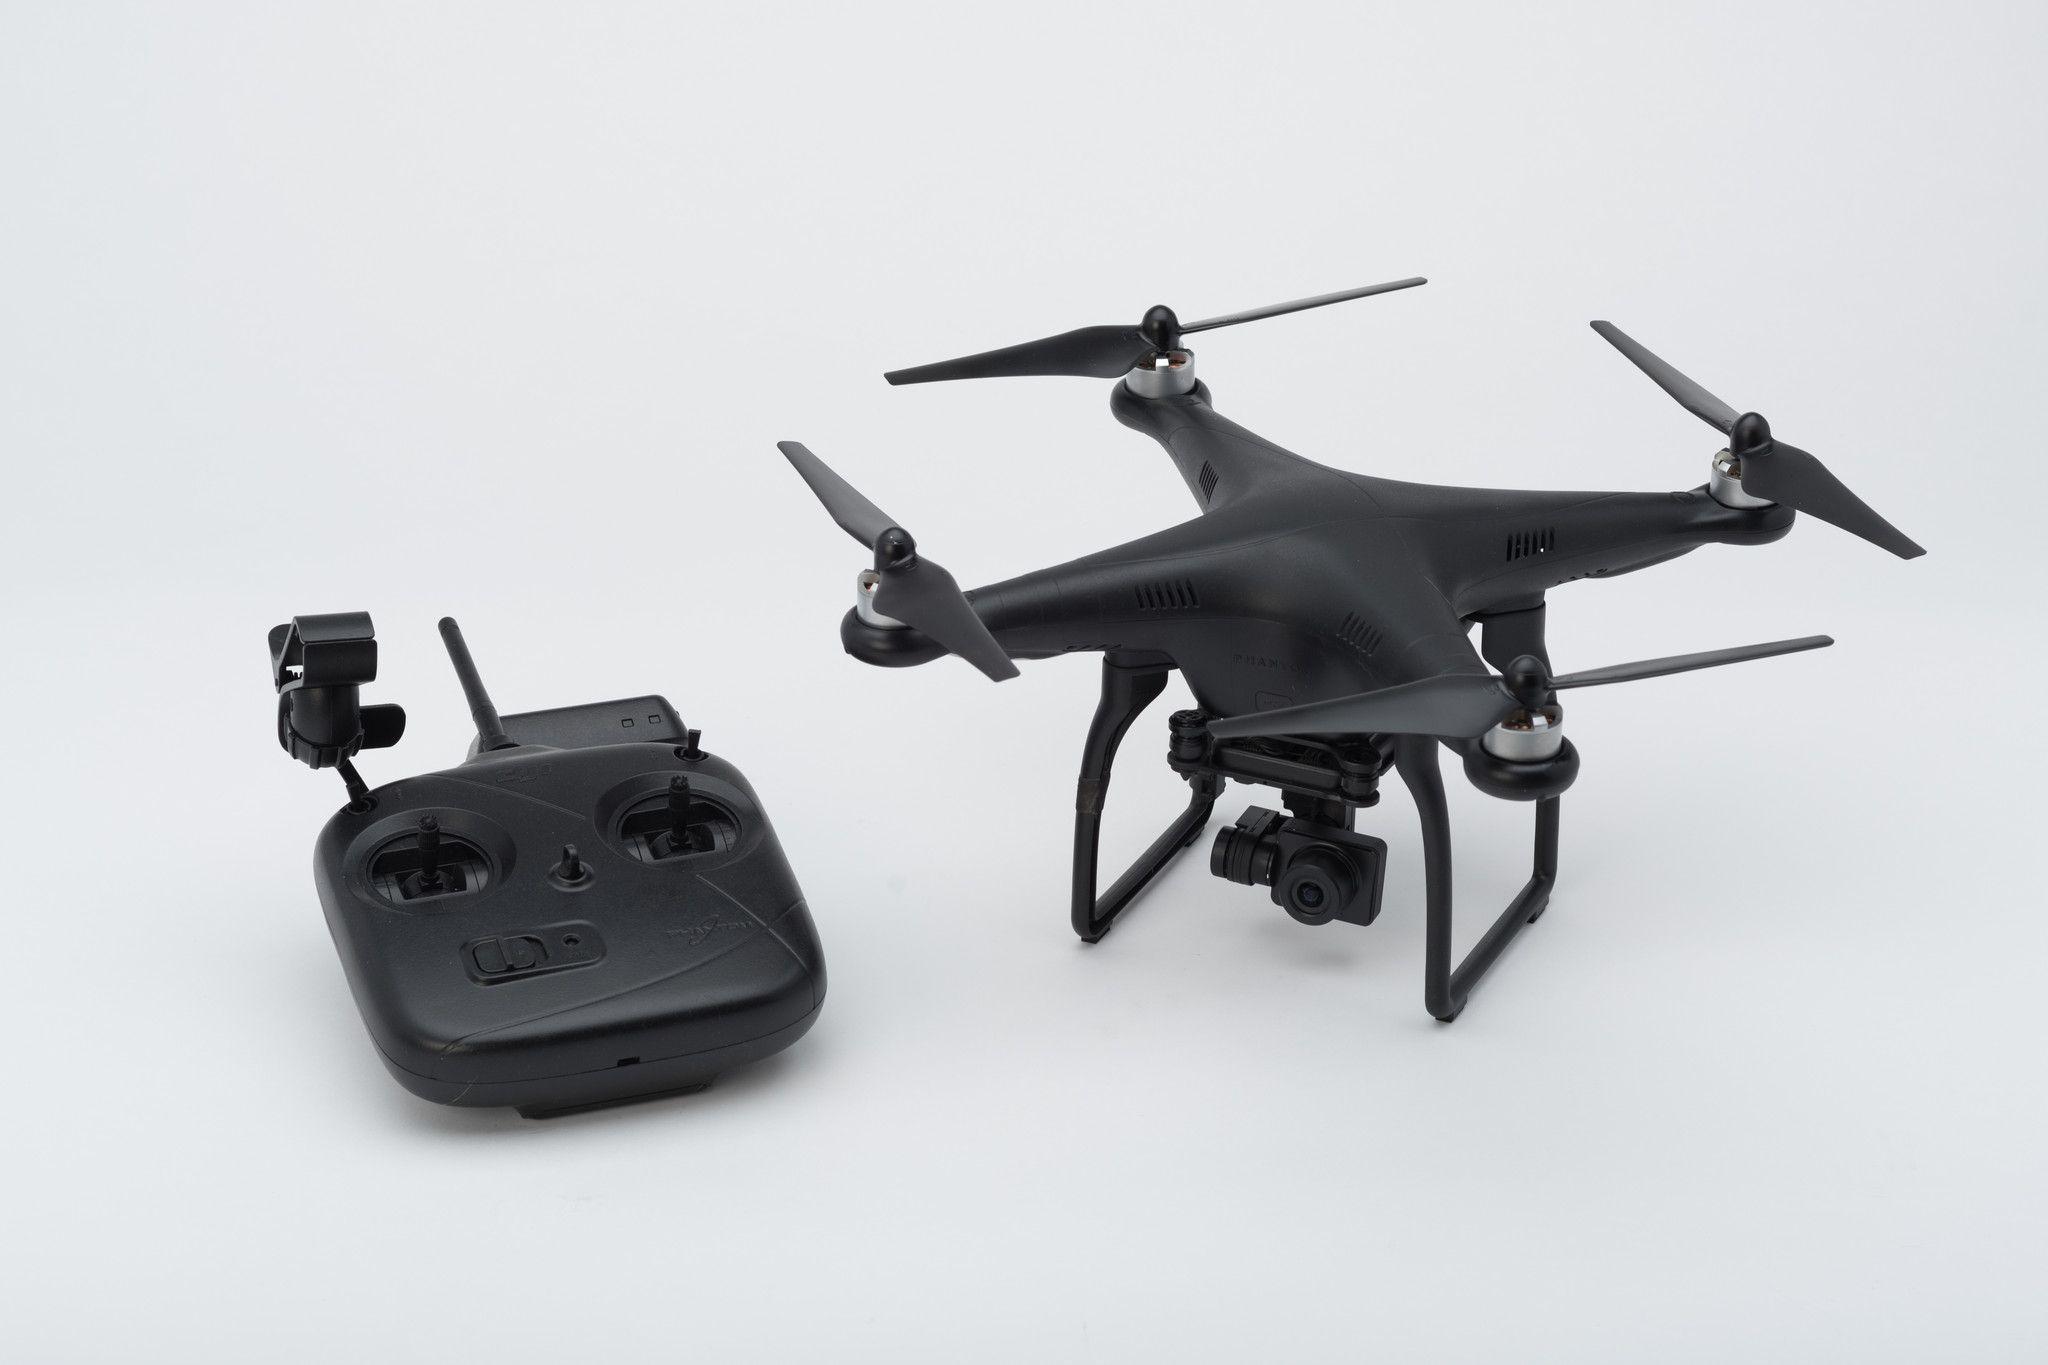 Заказать dji goggles к бпла во владикавказ этикетки карбон phantom 4 pro на ebay